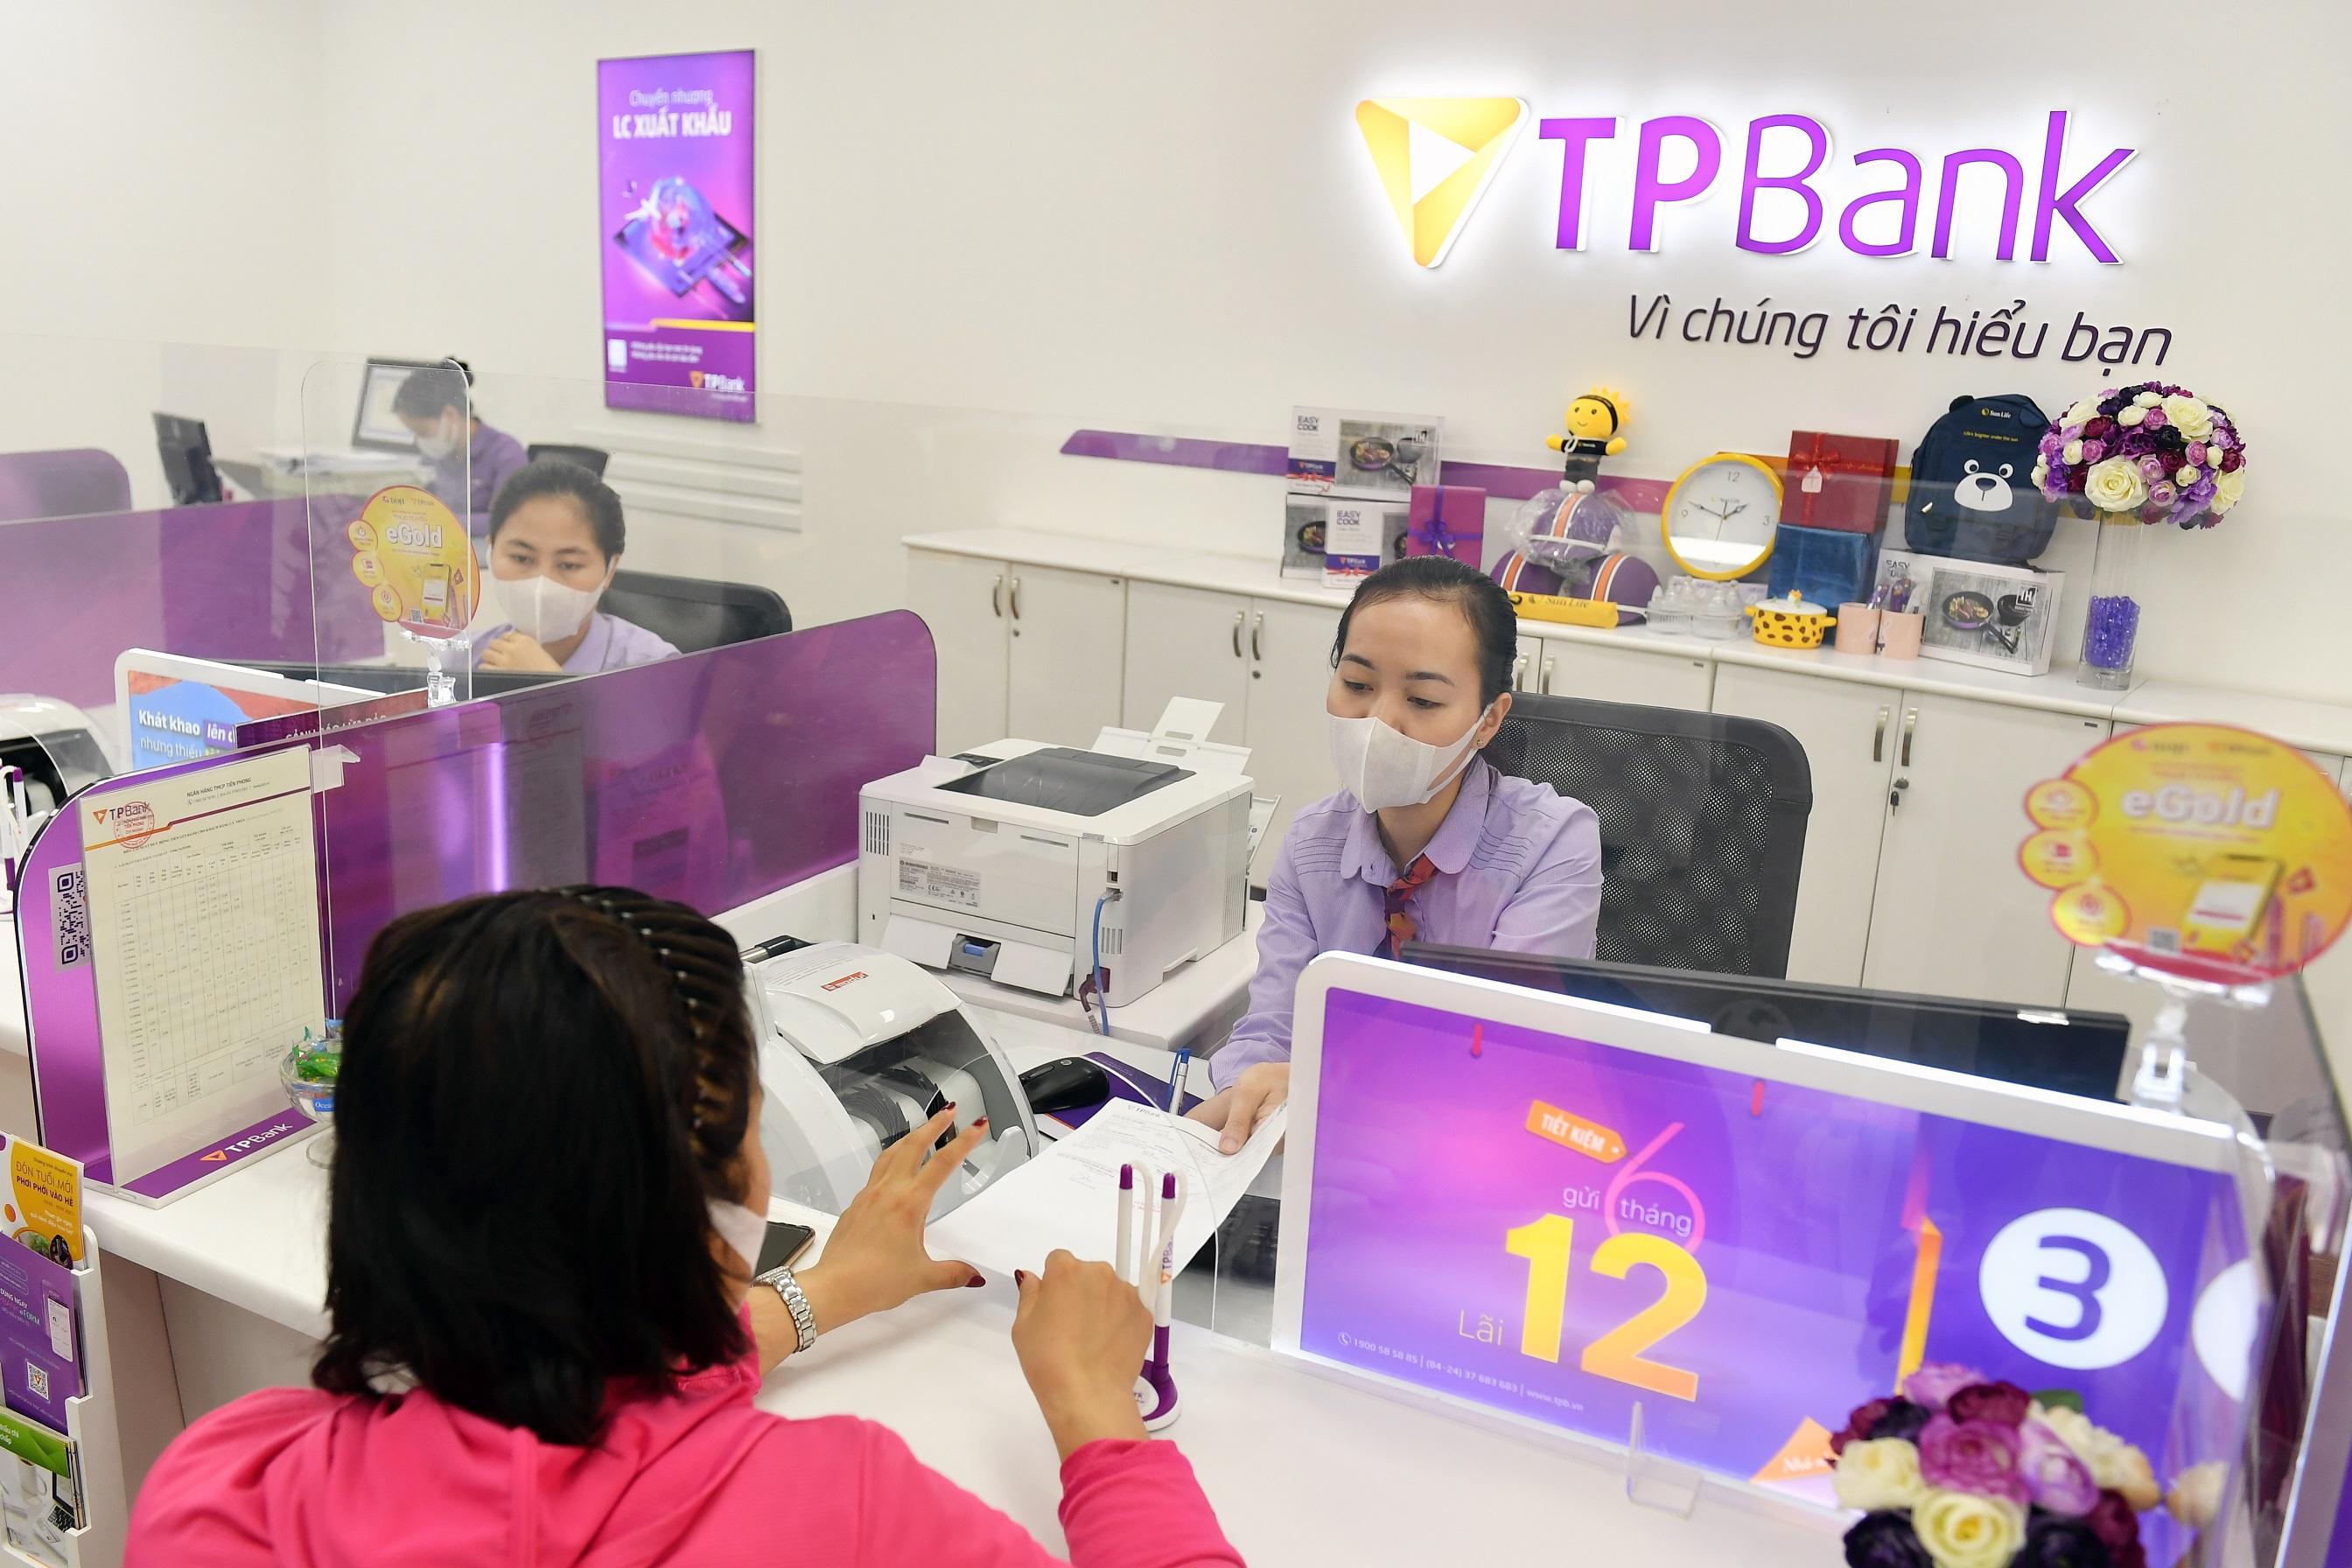 Đồng thuận giảm lãi suất cho vay trong tháng 7, TPBank chia sẻ khó khăn cùng khách hàng